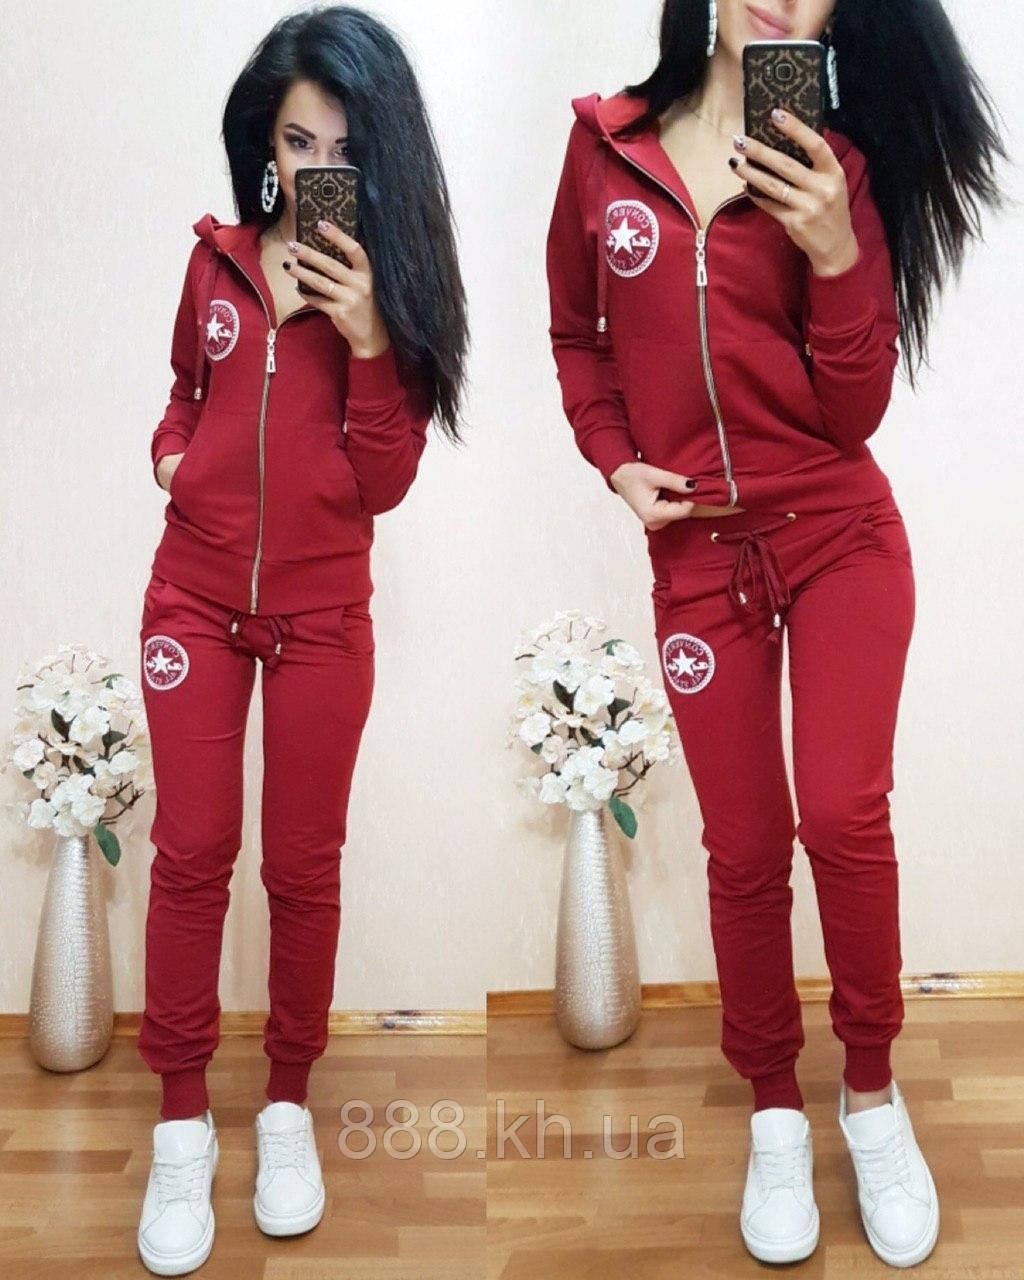 Женский спортивный костюм Converse с капюшоном, жіночий спорт костюм S/M/L/XL (красный)